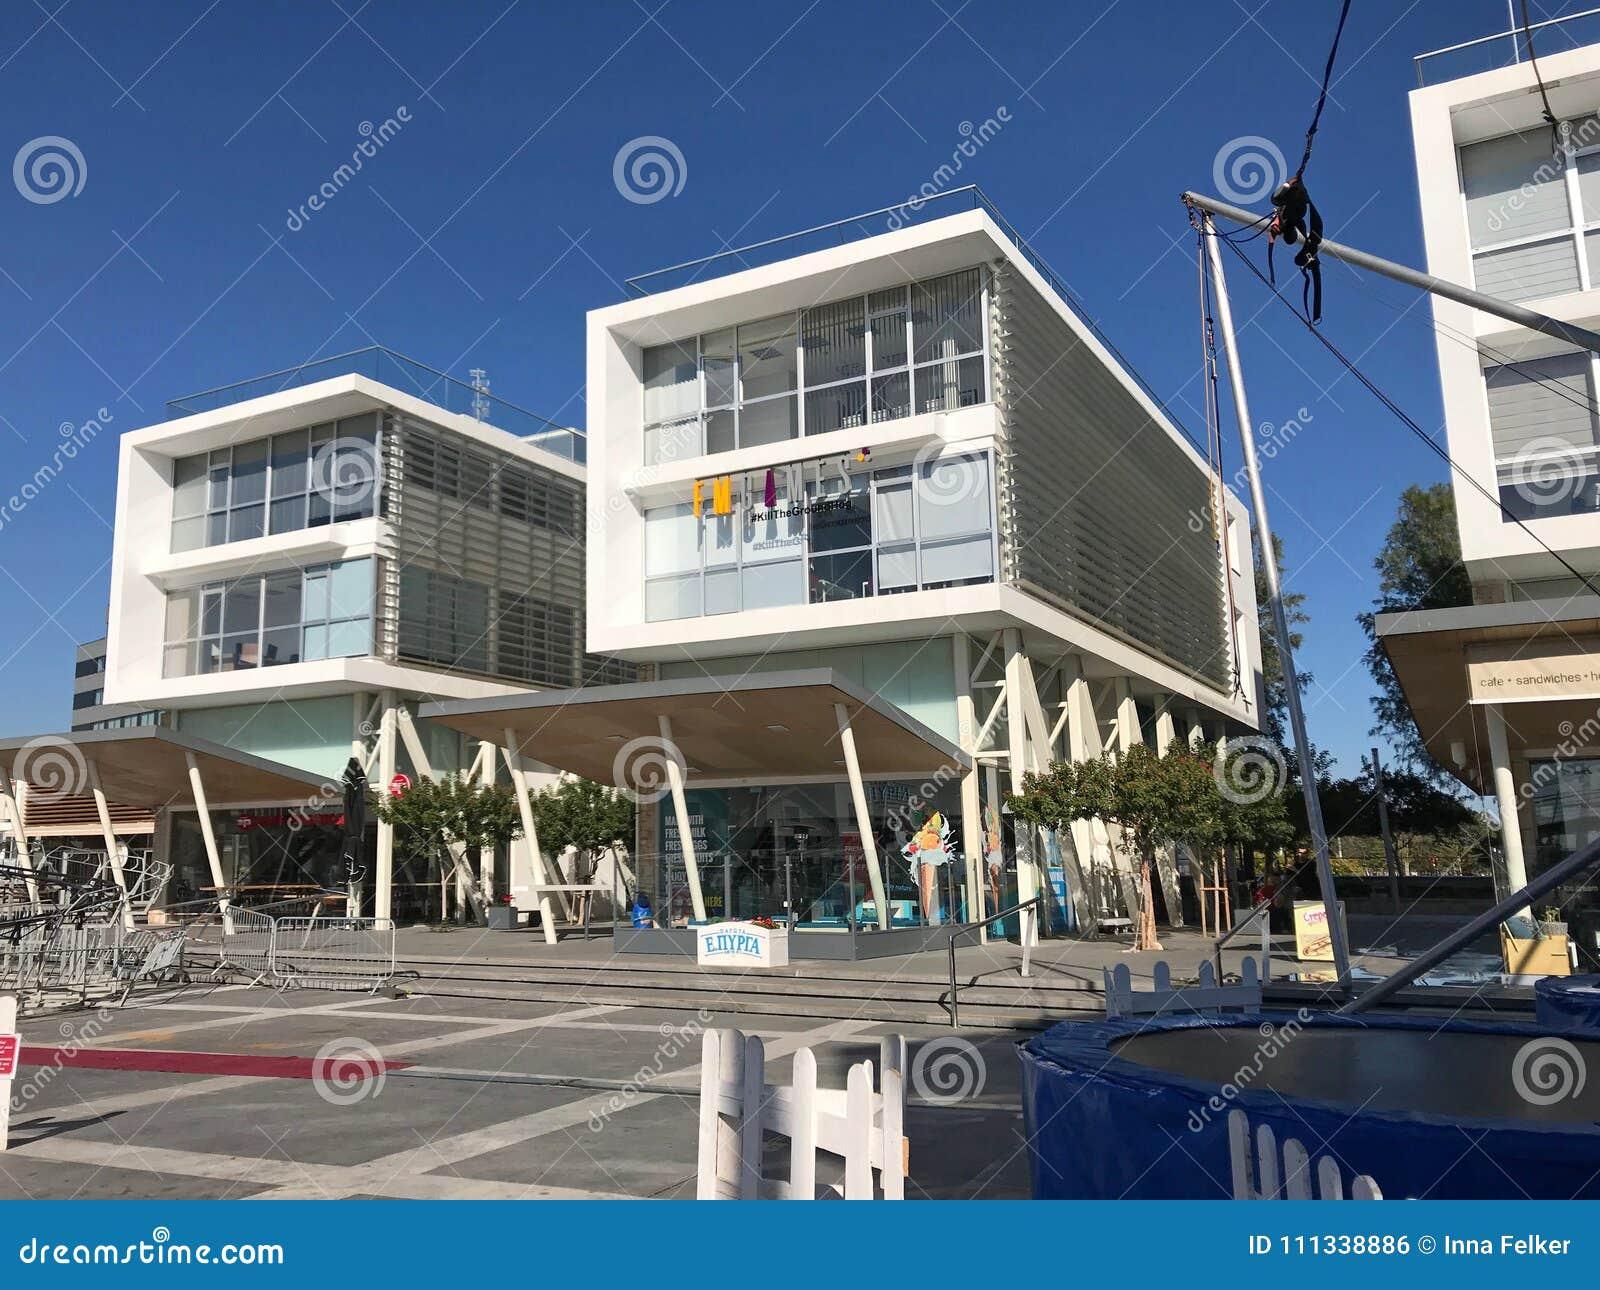 Limassol Old Port with modern restaurants, Limassol, Cyprus